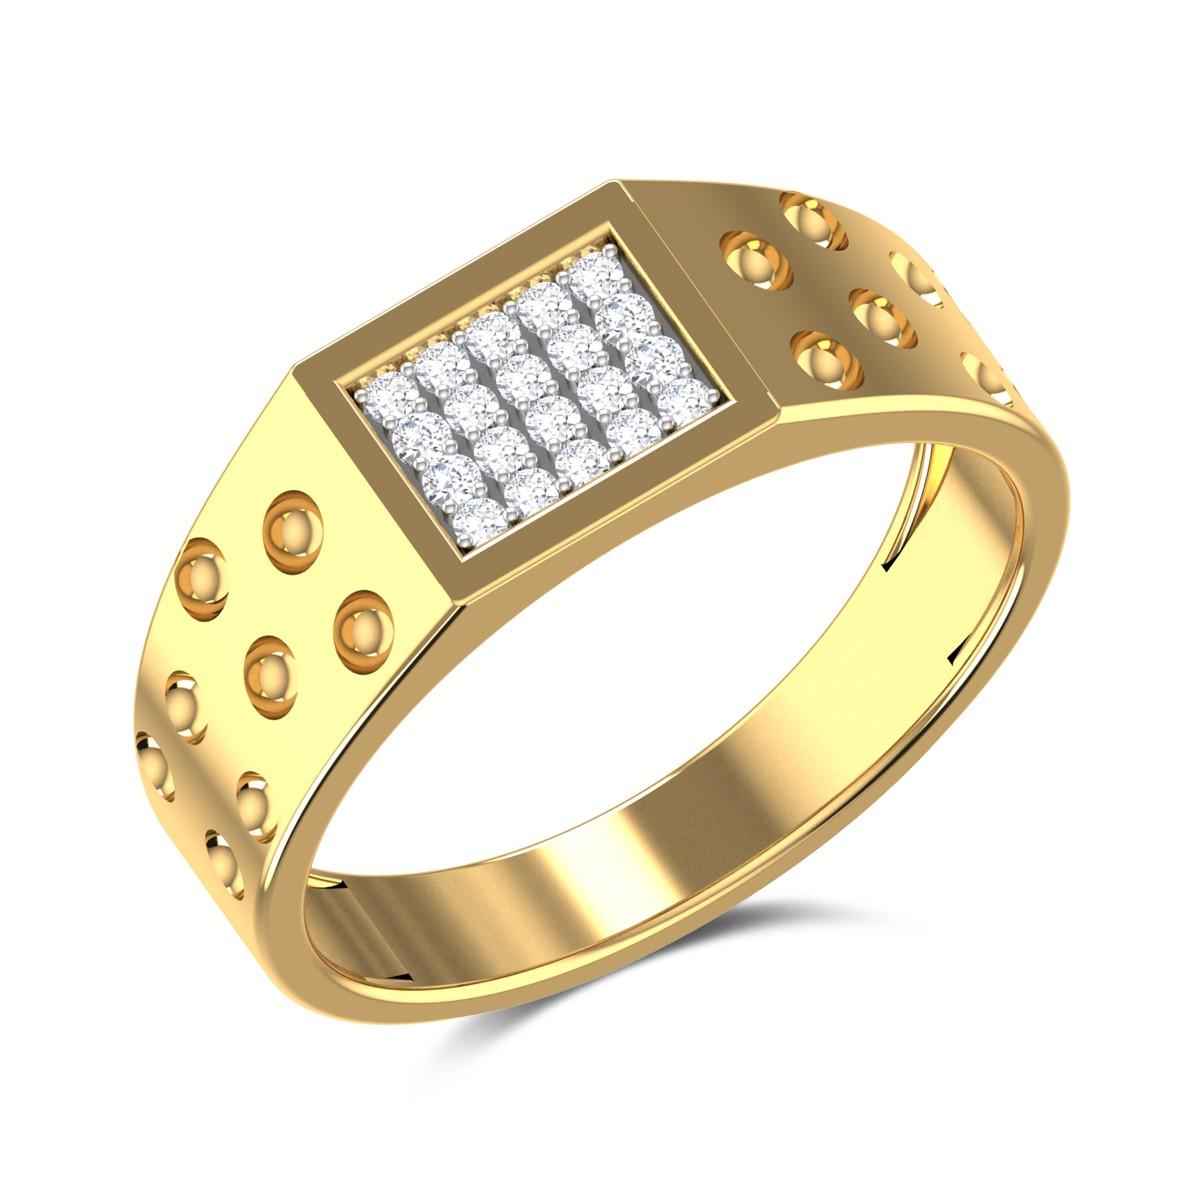 Shaenna Diamond Ring